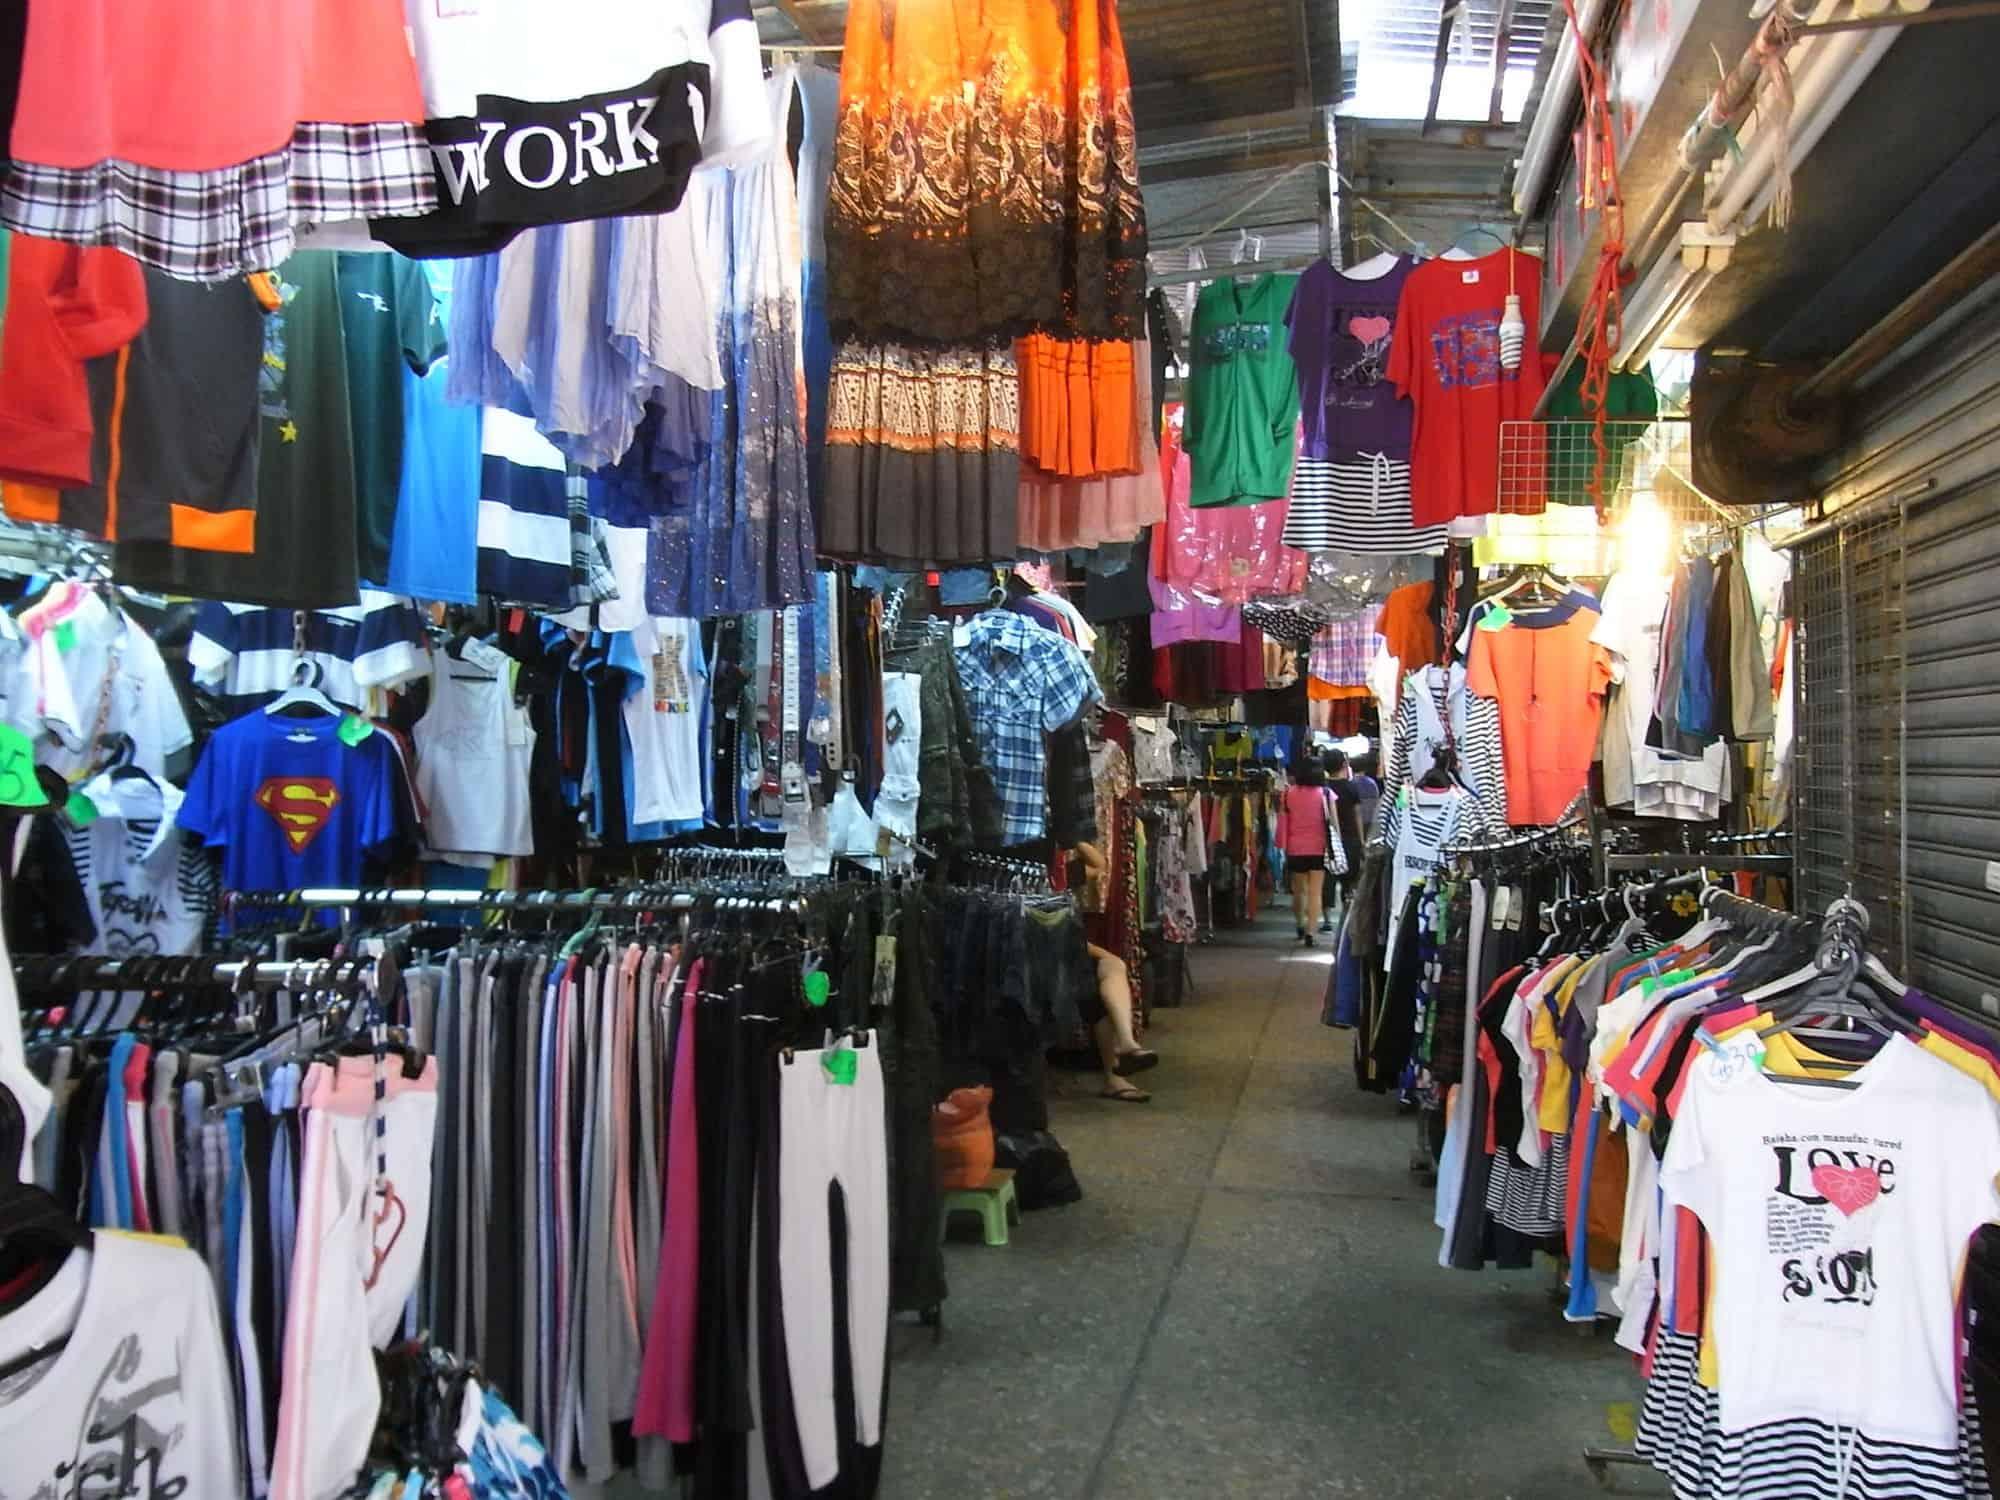 تفسير حلم سوق الملابس موسوعة